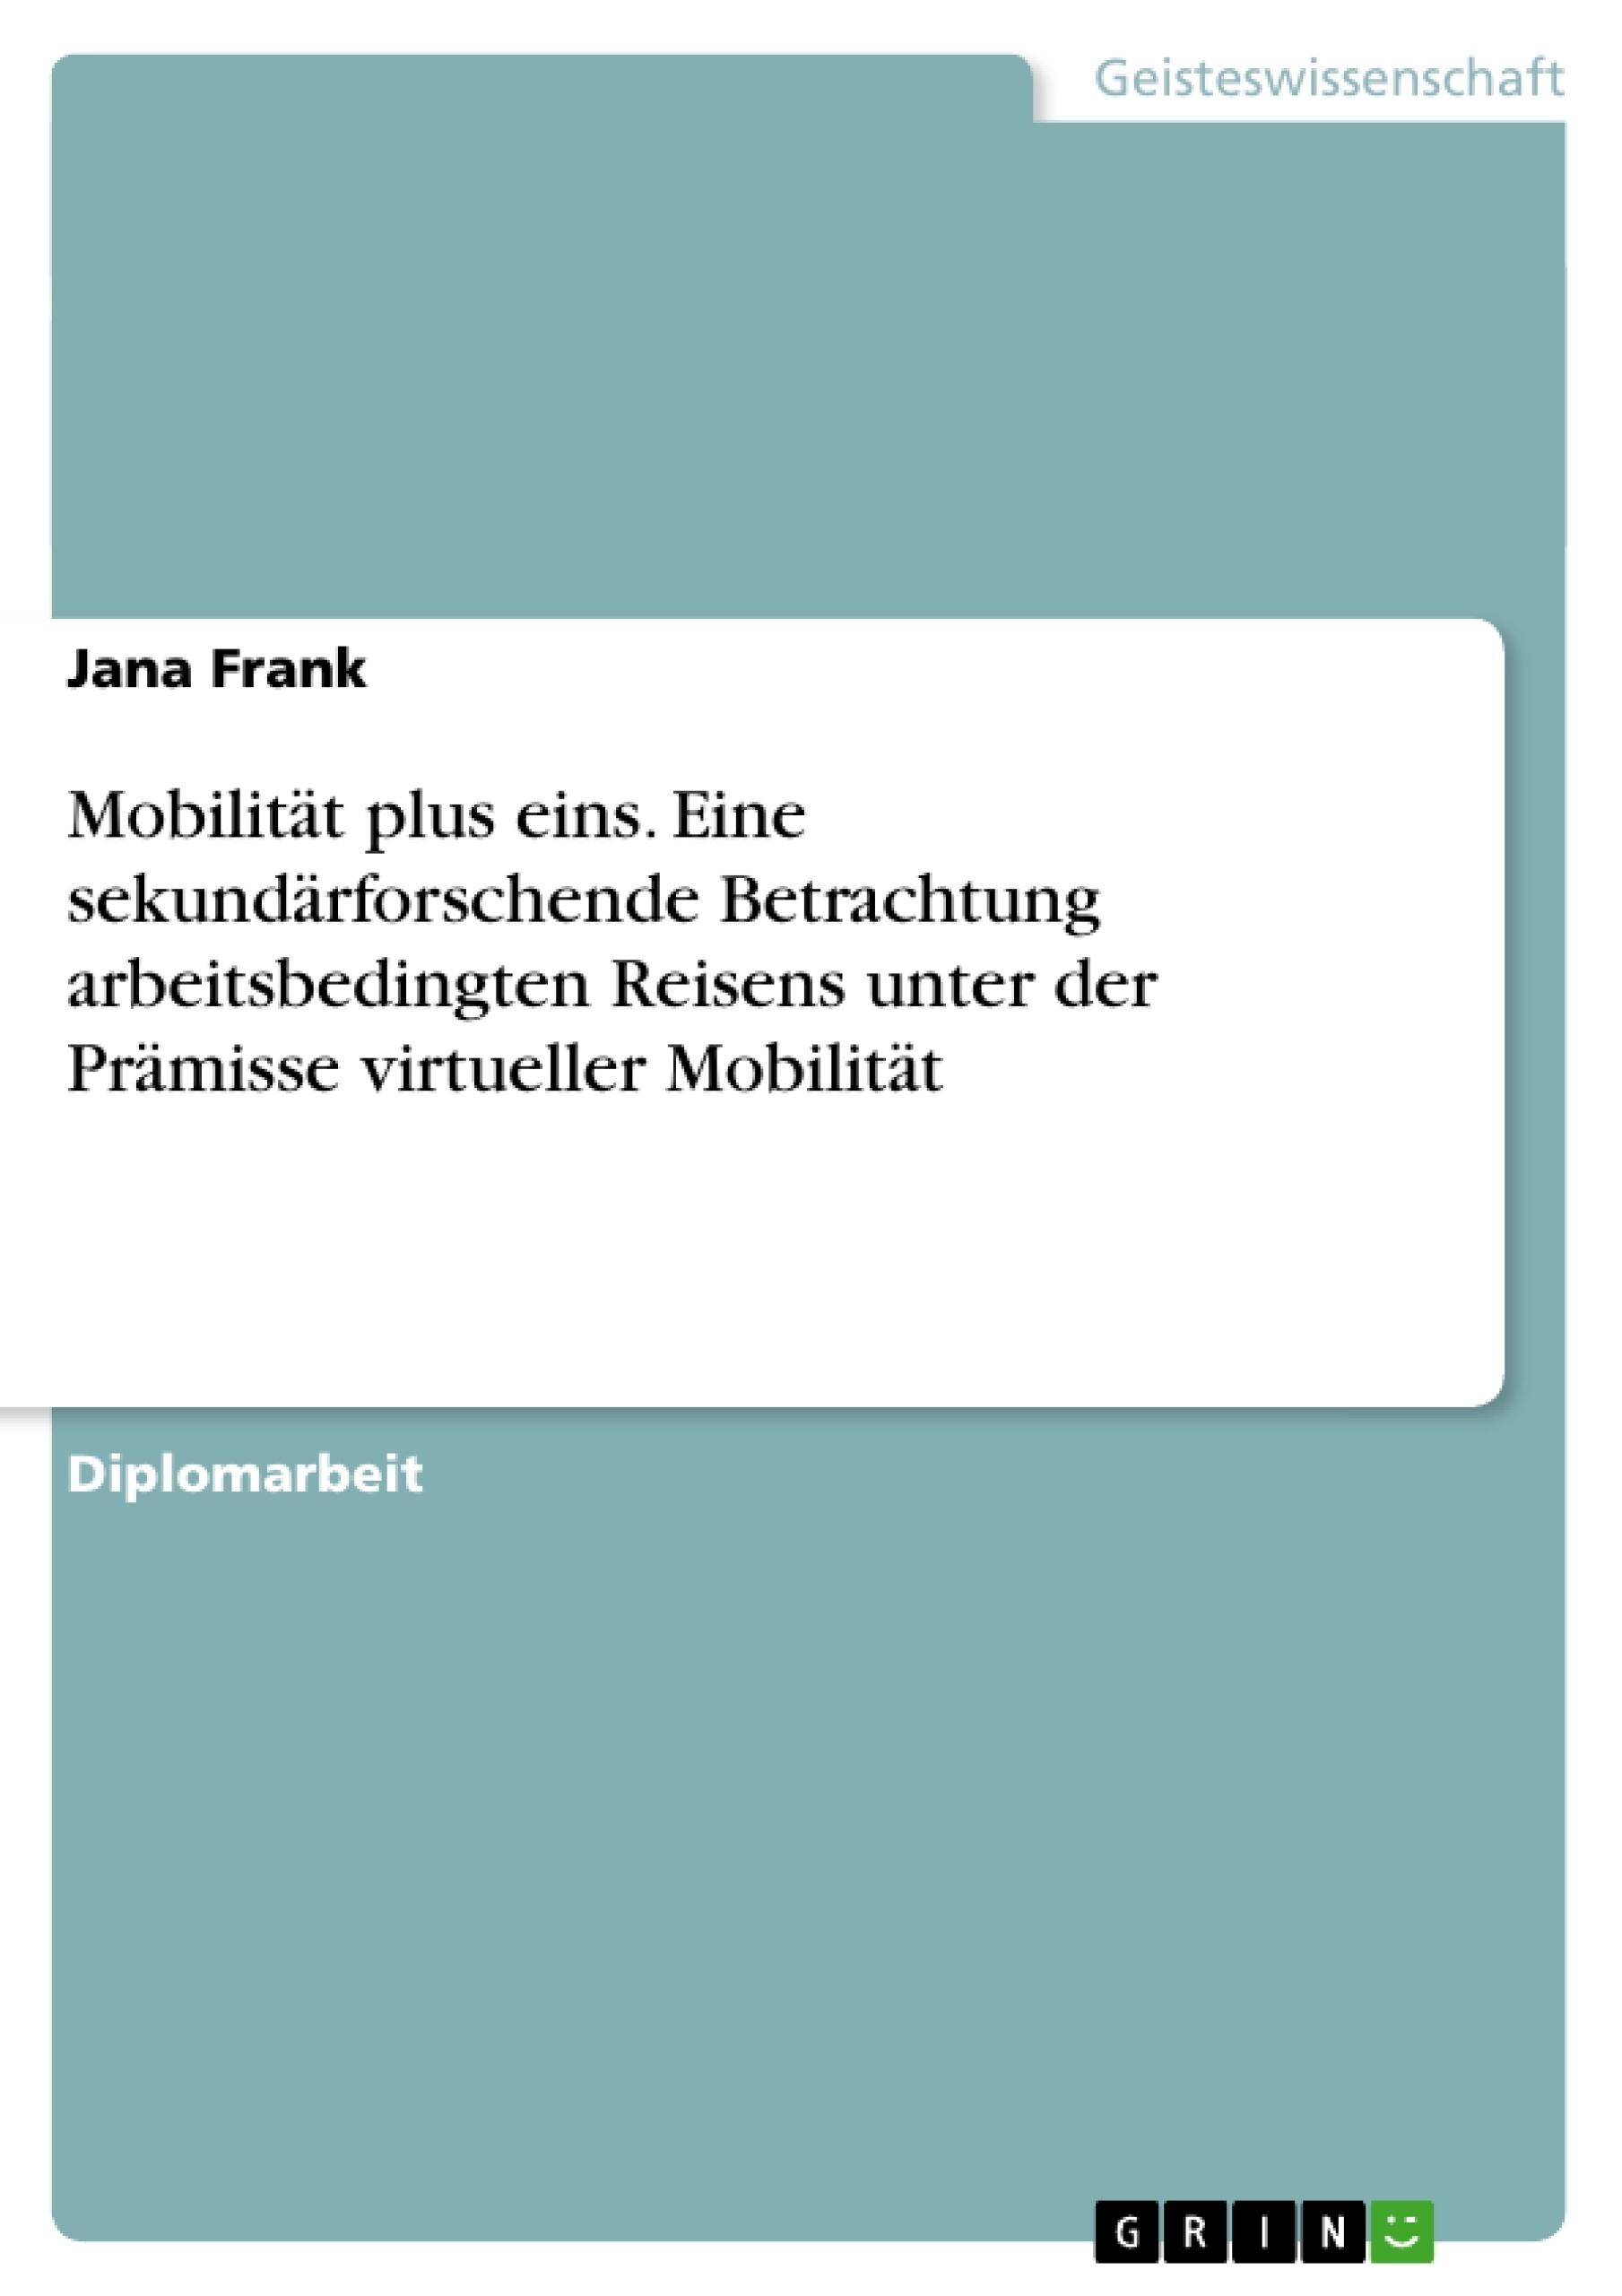 Titel: Mobilität plus eins. Eine sekundärforschende Betrachtung arbeitsbedingten Reisens unter der Prämisse virtueller Mobilität